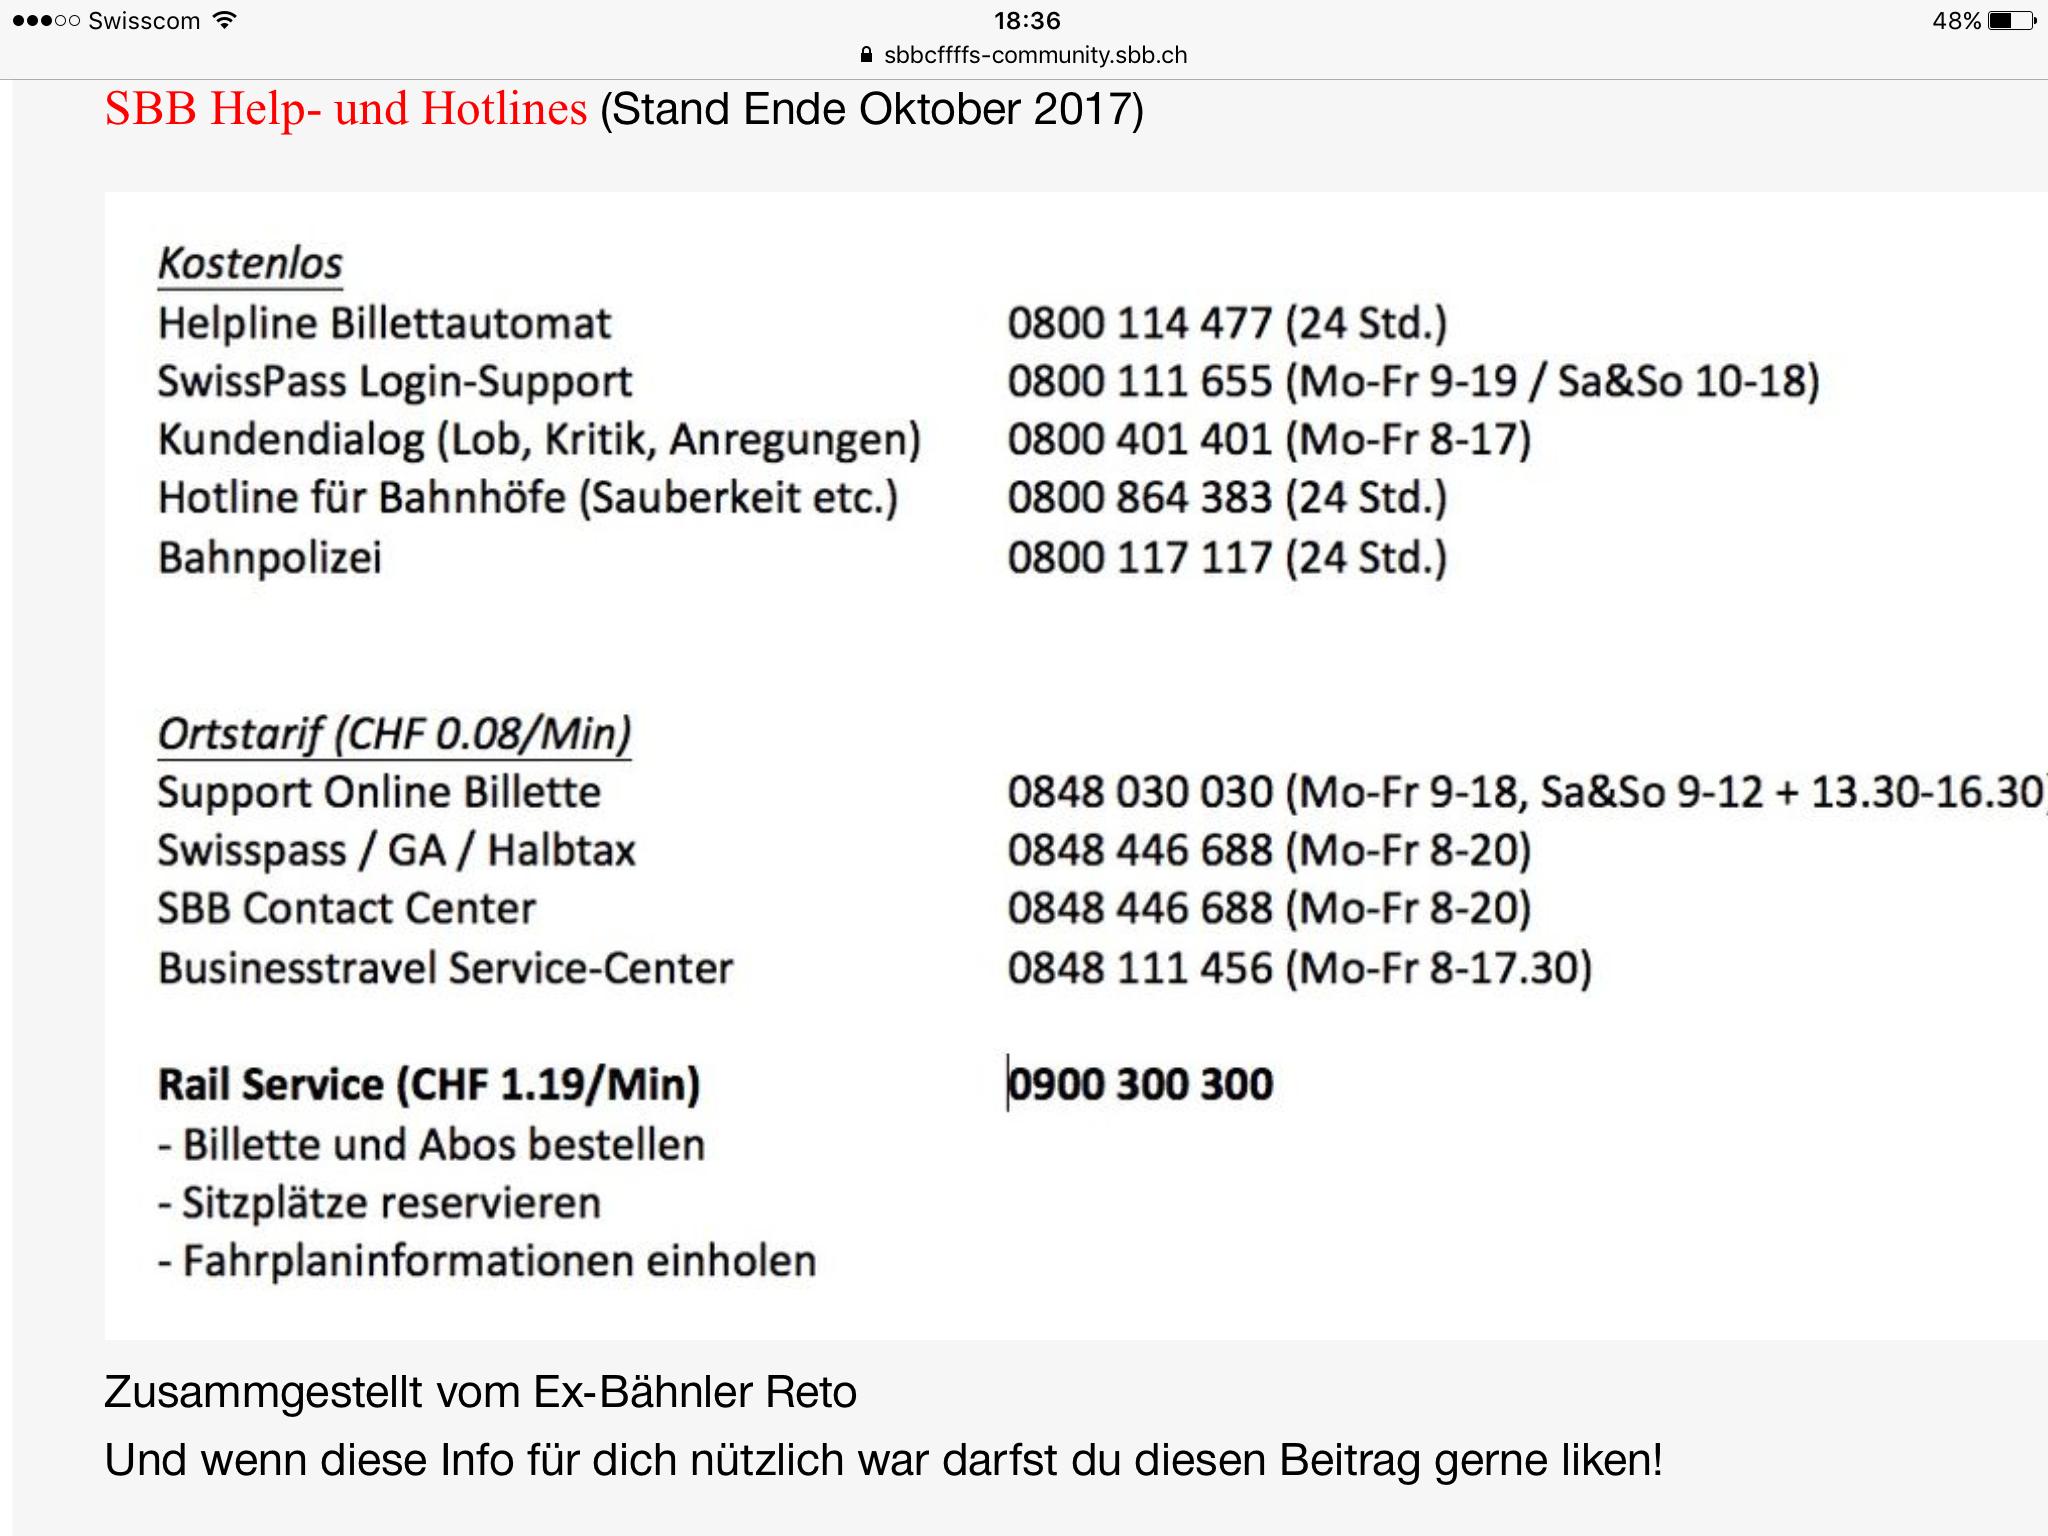 Gelöst Mehrwertsteuer Sbb Cff Ffs Community 11159